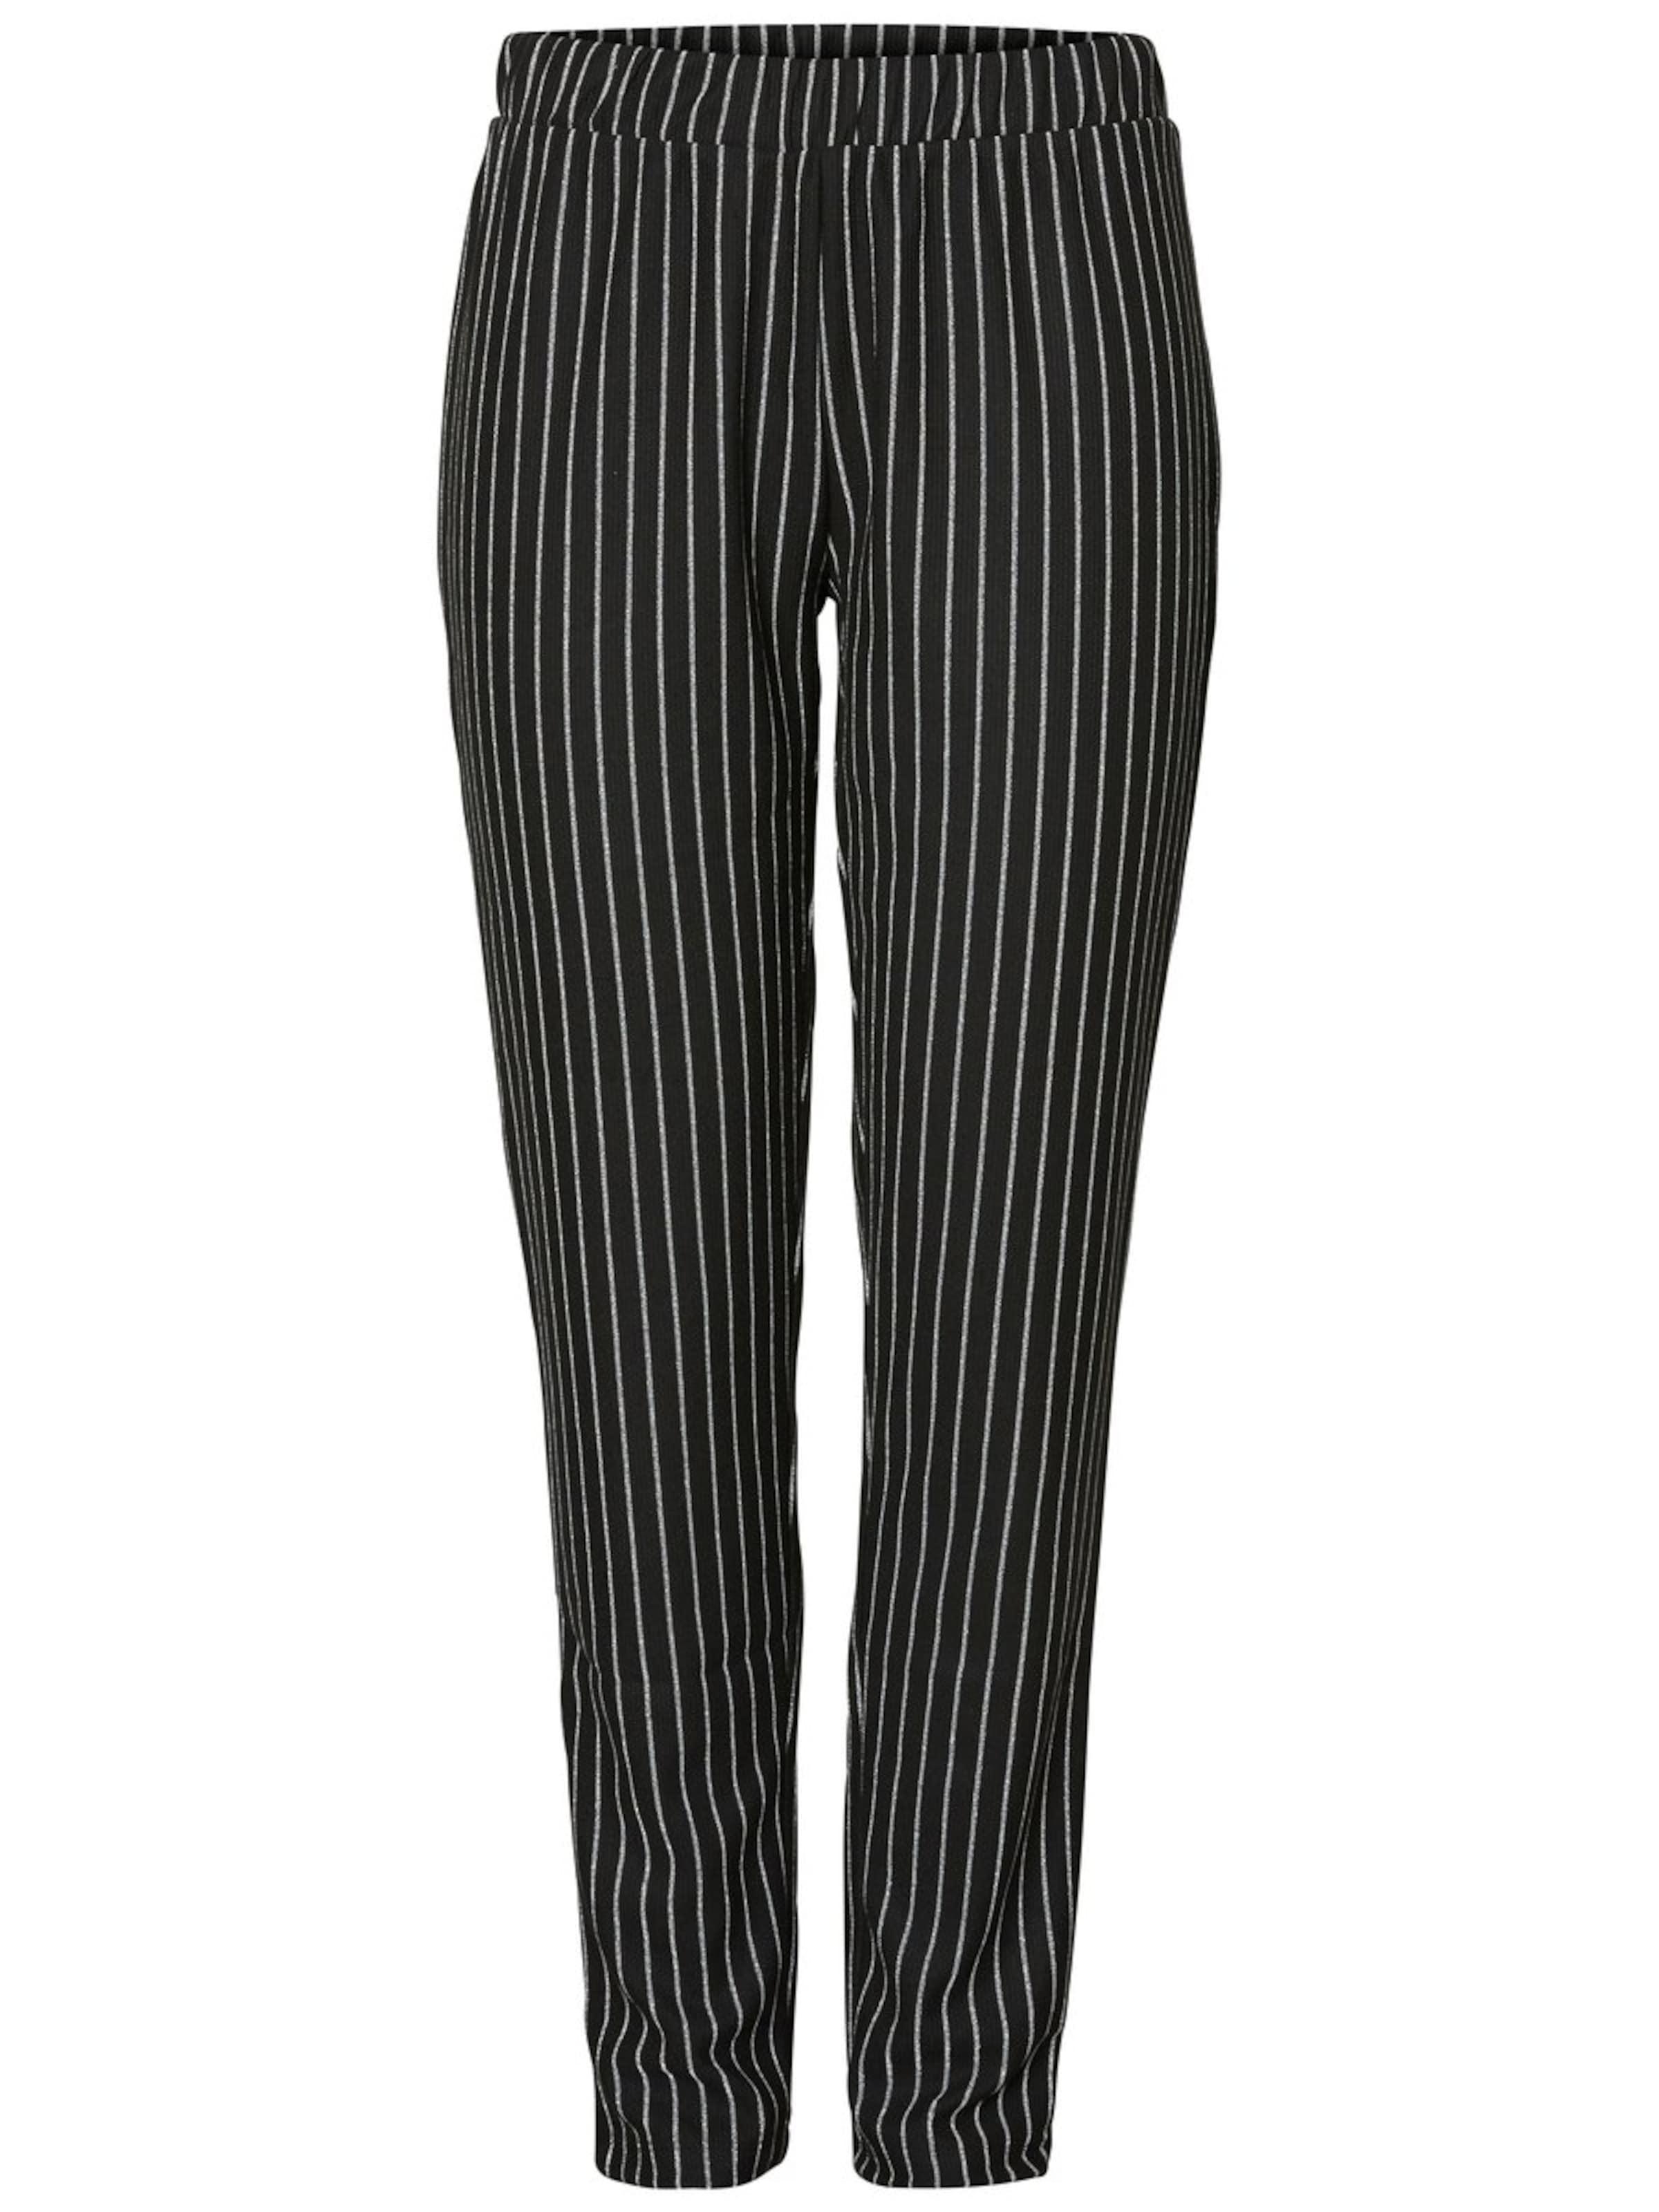 Pantalon En Pieces En NoirBlanc Pieces Pieces Pantalon NoirBlanc uTFK5c13lJ